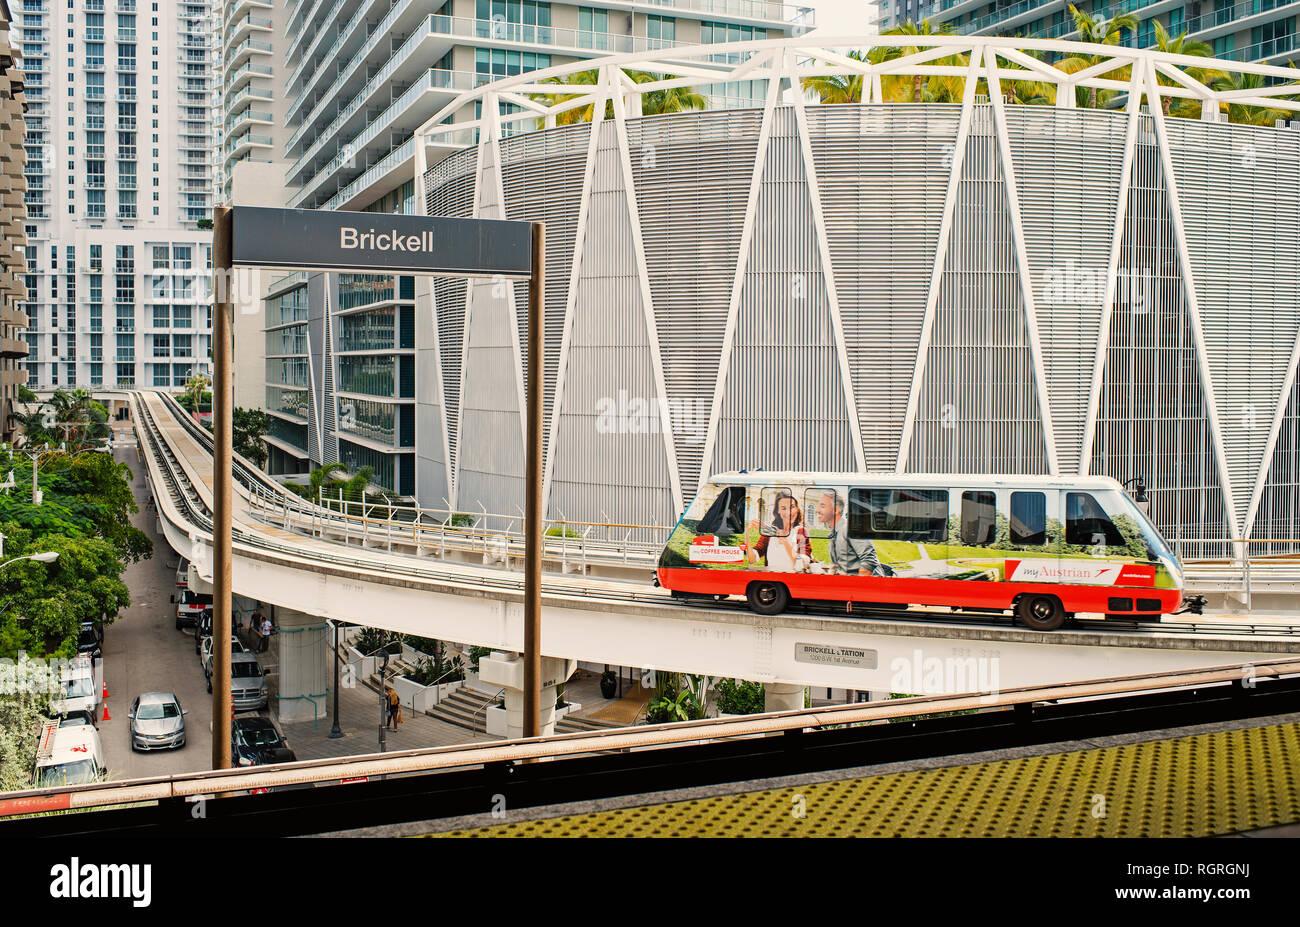 Miami, USA - 30 octobre 2015: train arrive à la station de Brickell avec gratte-ciel sur fond urbain. Metrorail ou metro rail transit system sur la ville. Service de transport métropolitain. Banque D'Images